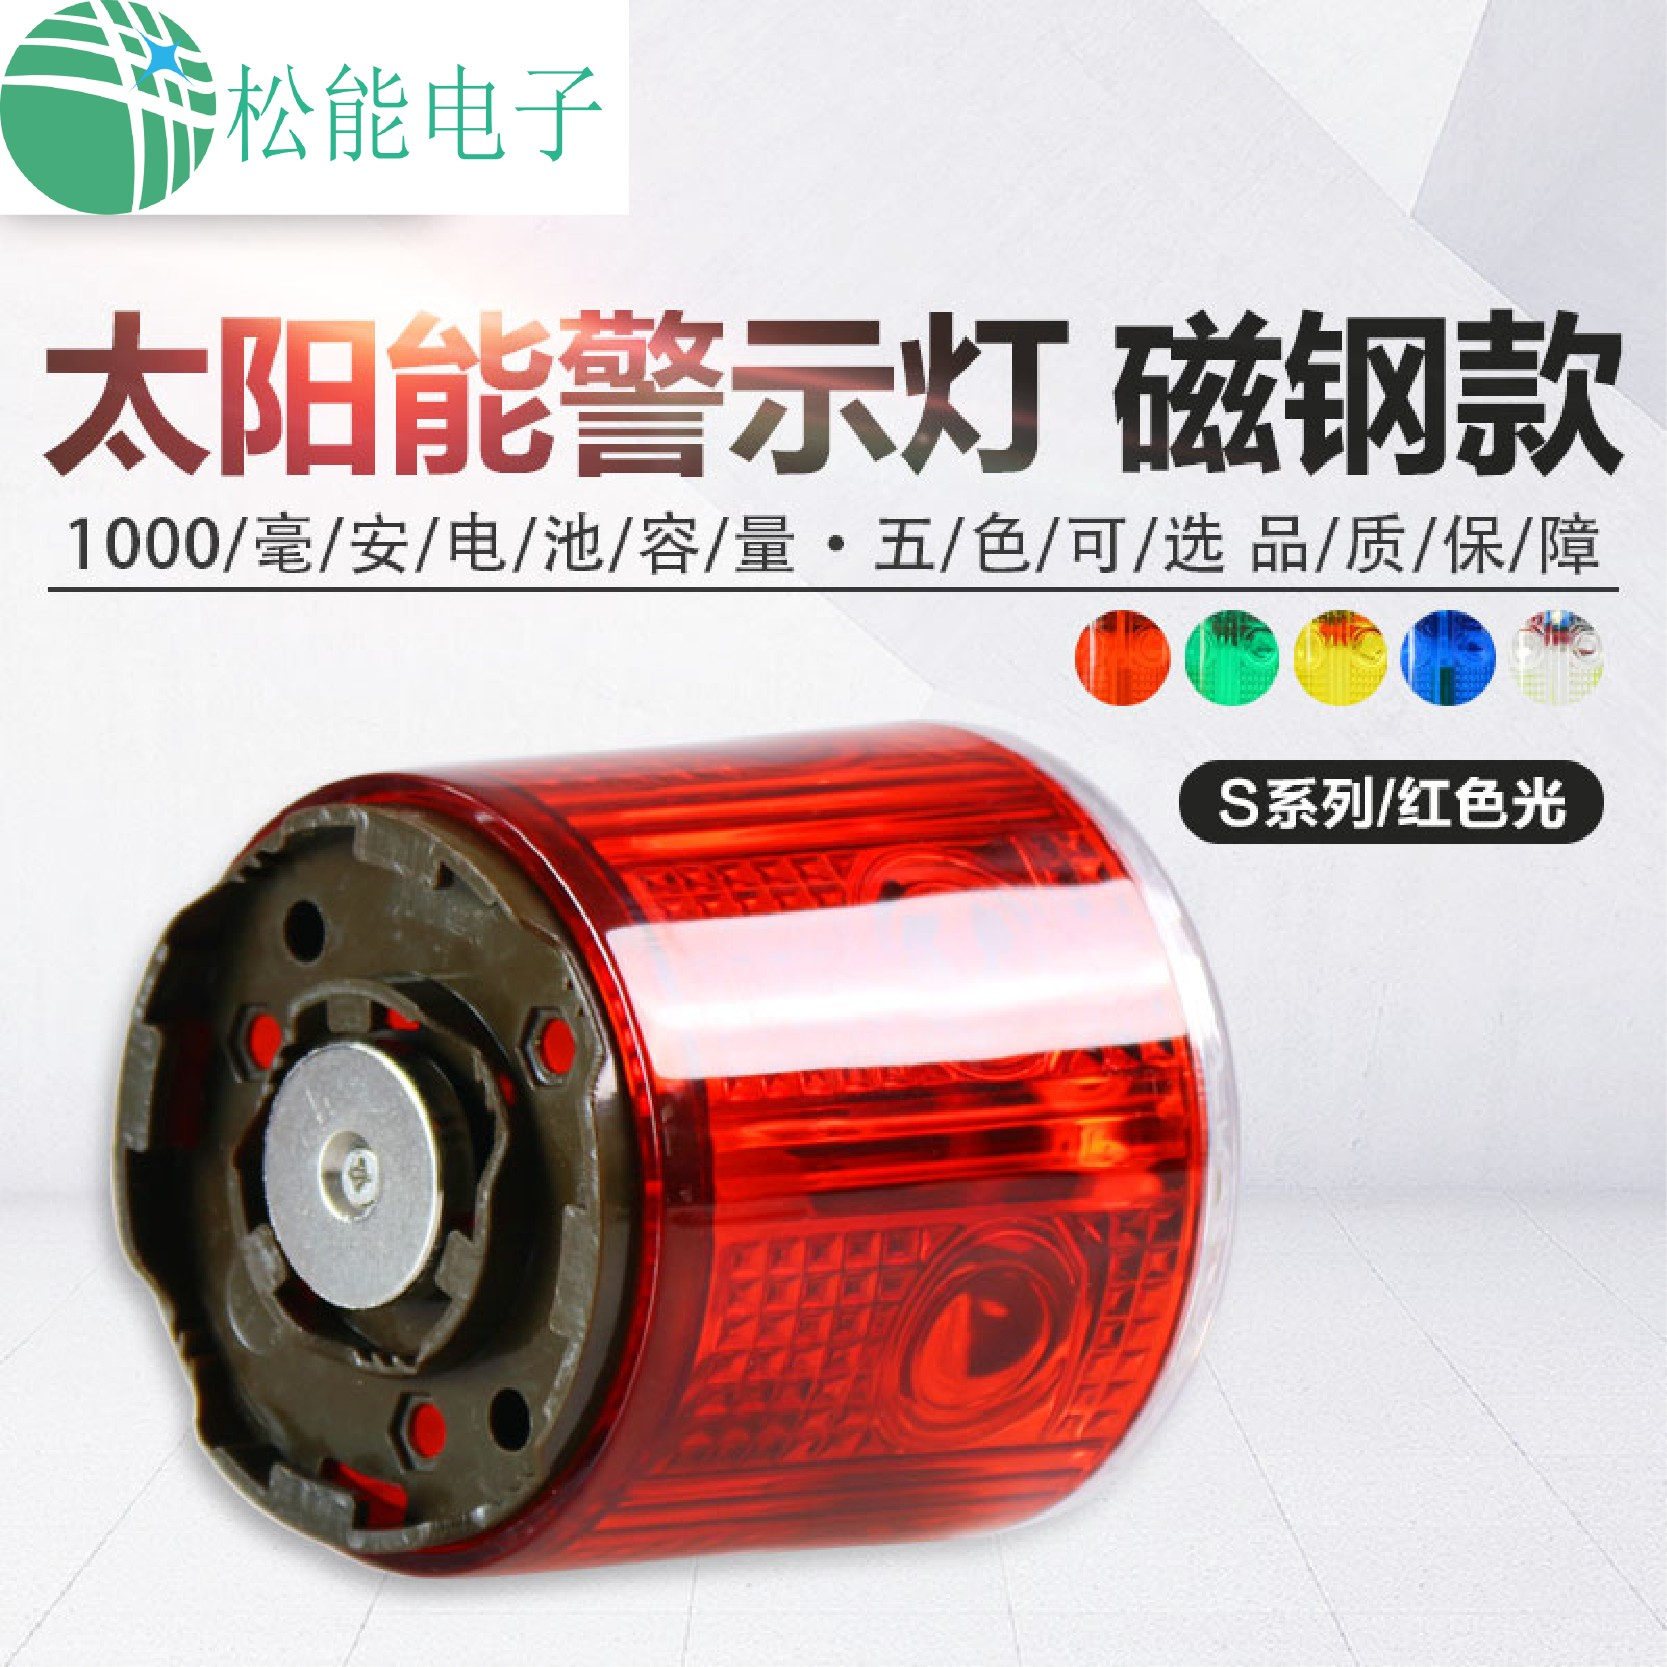 上海松能电子SN-3S1000太阳能警示灯厂家直销